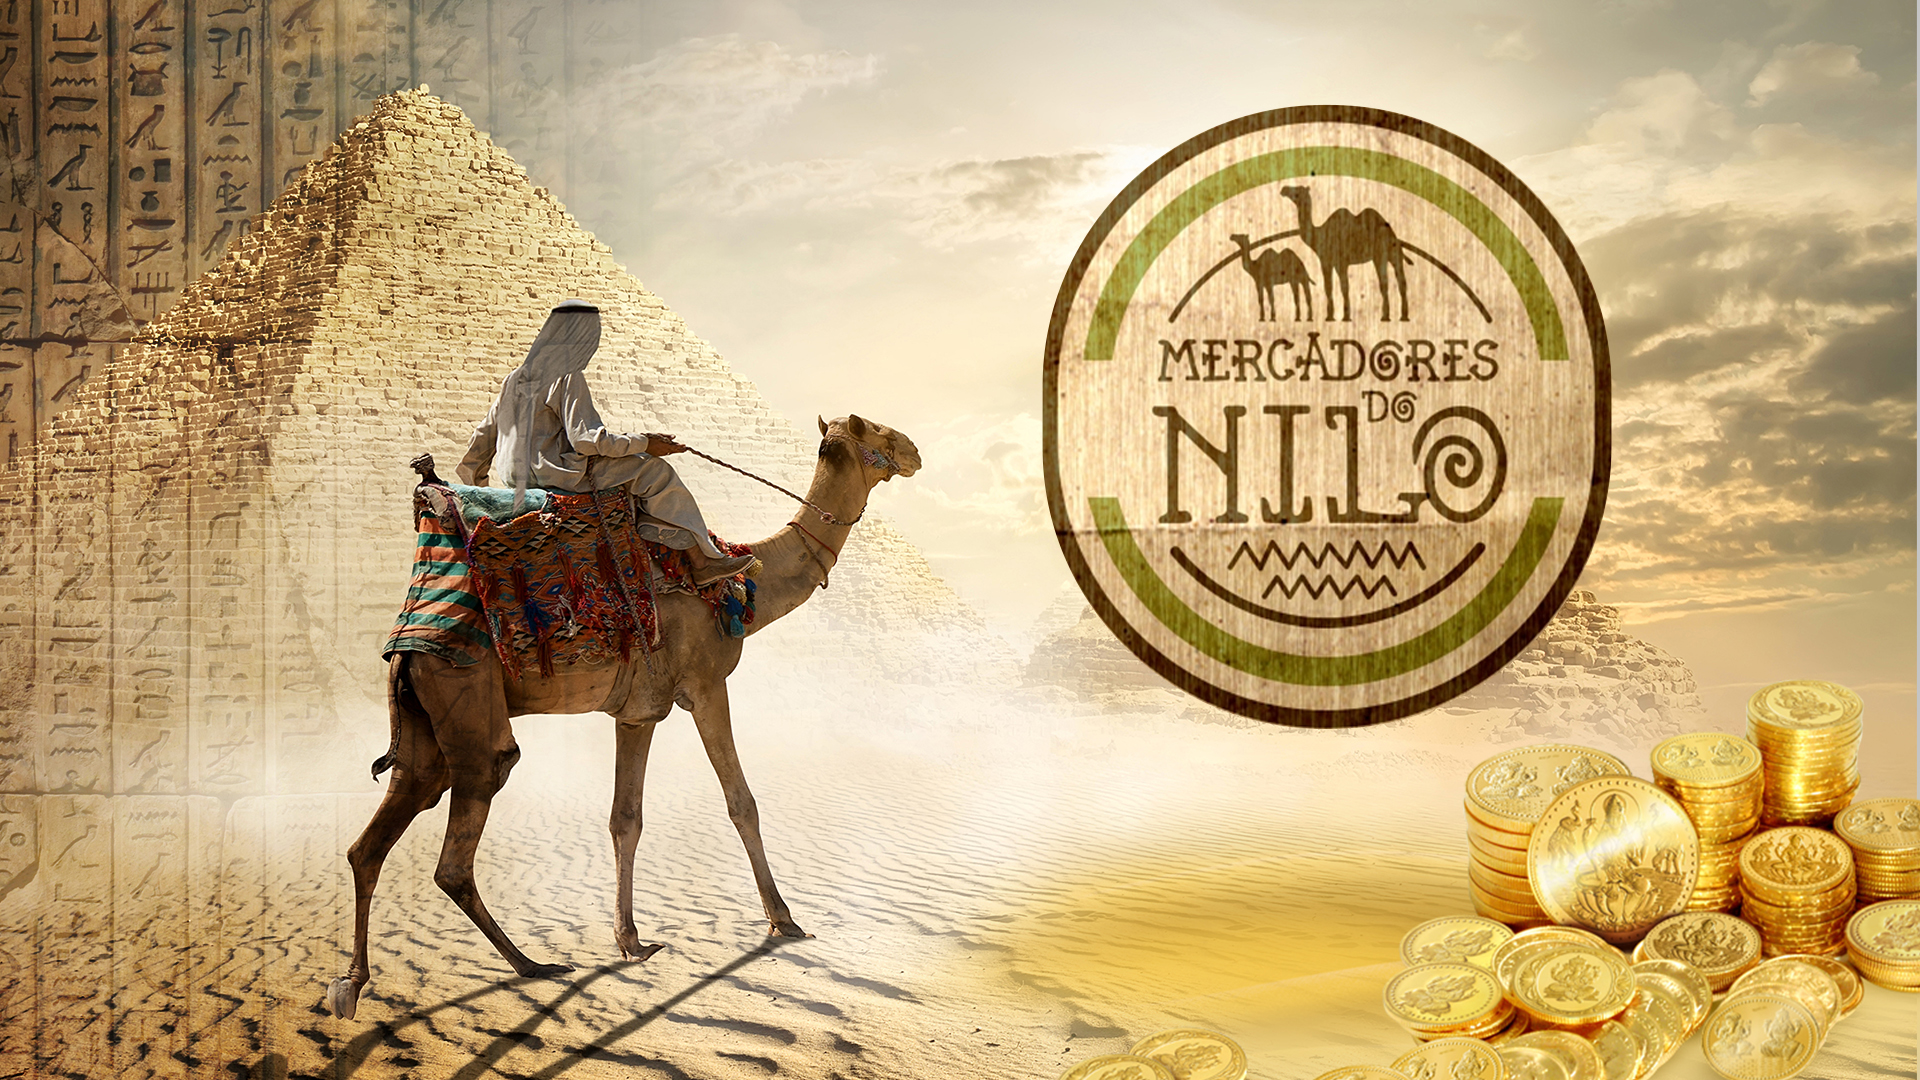 Mercadores do Nilo